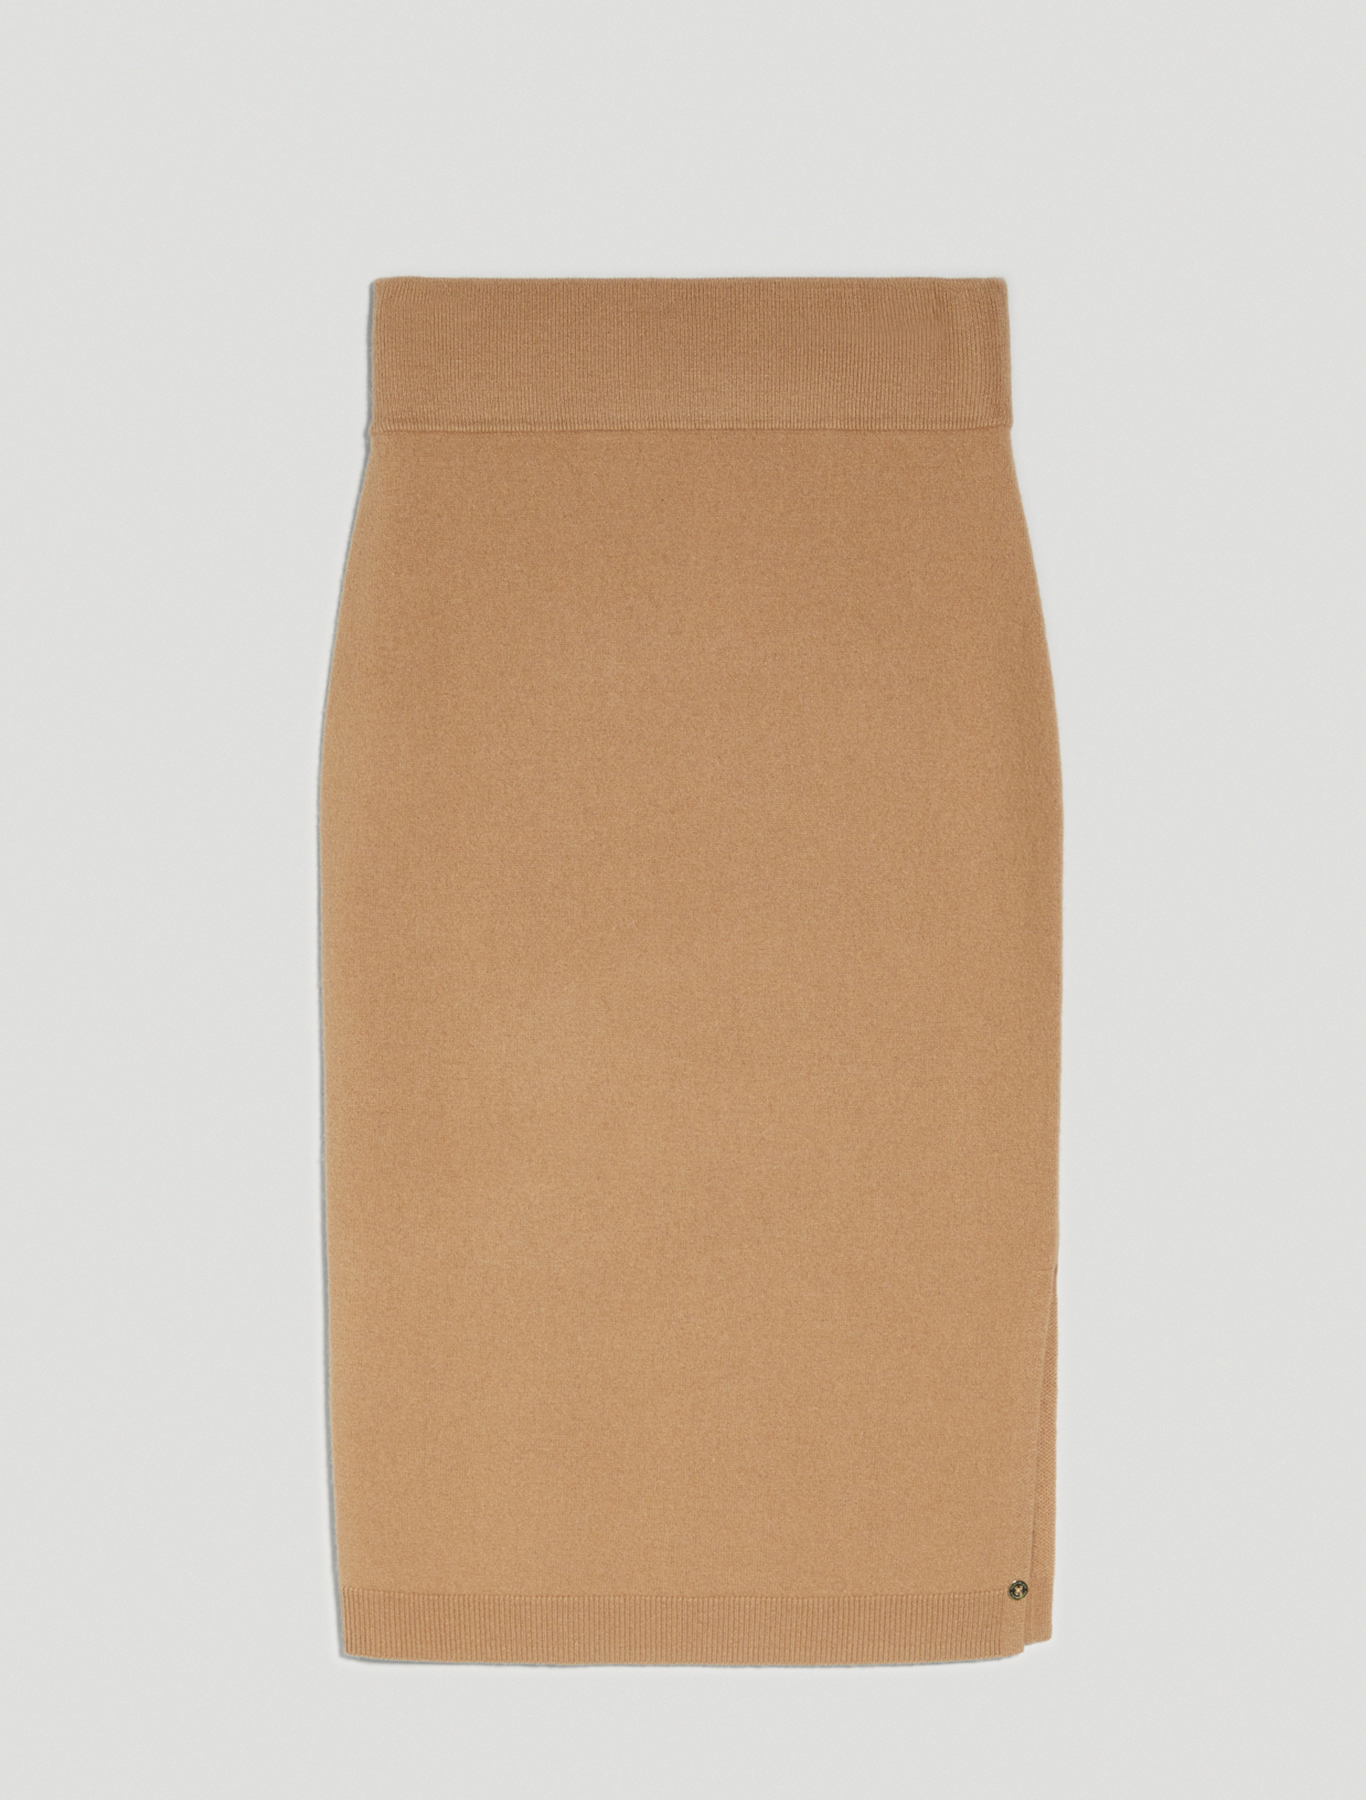 Knit pencil skirt - beige - pennyblack